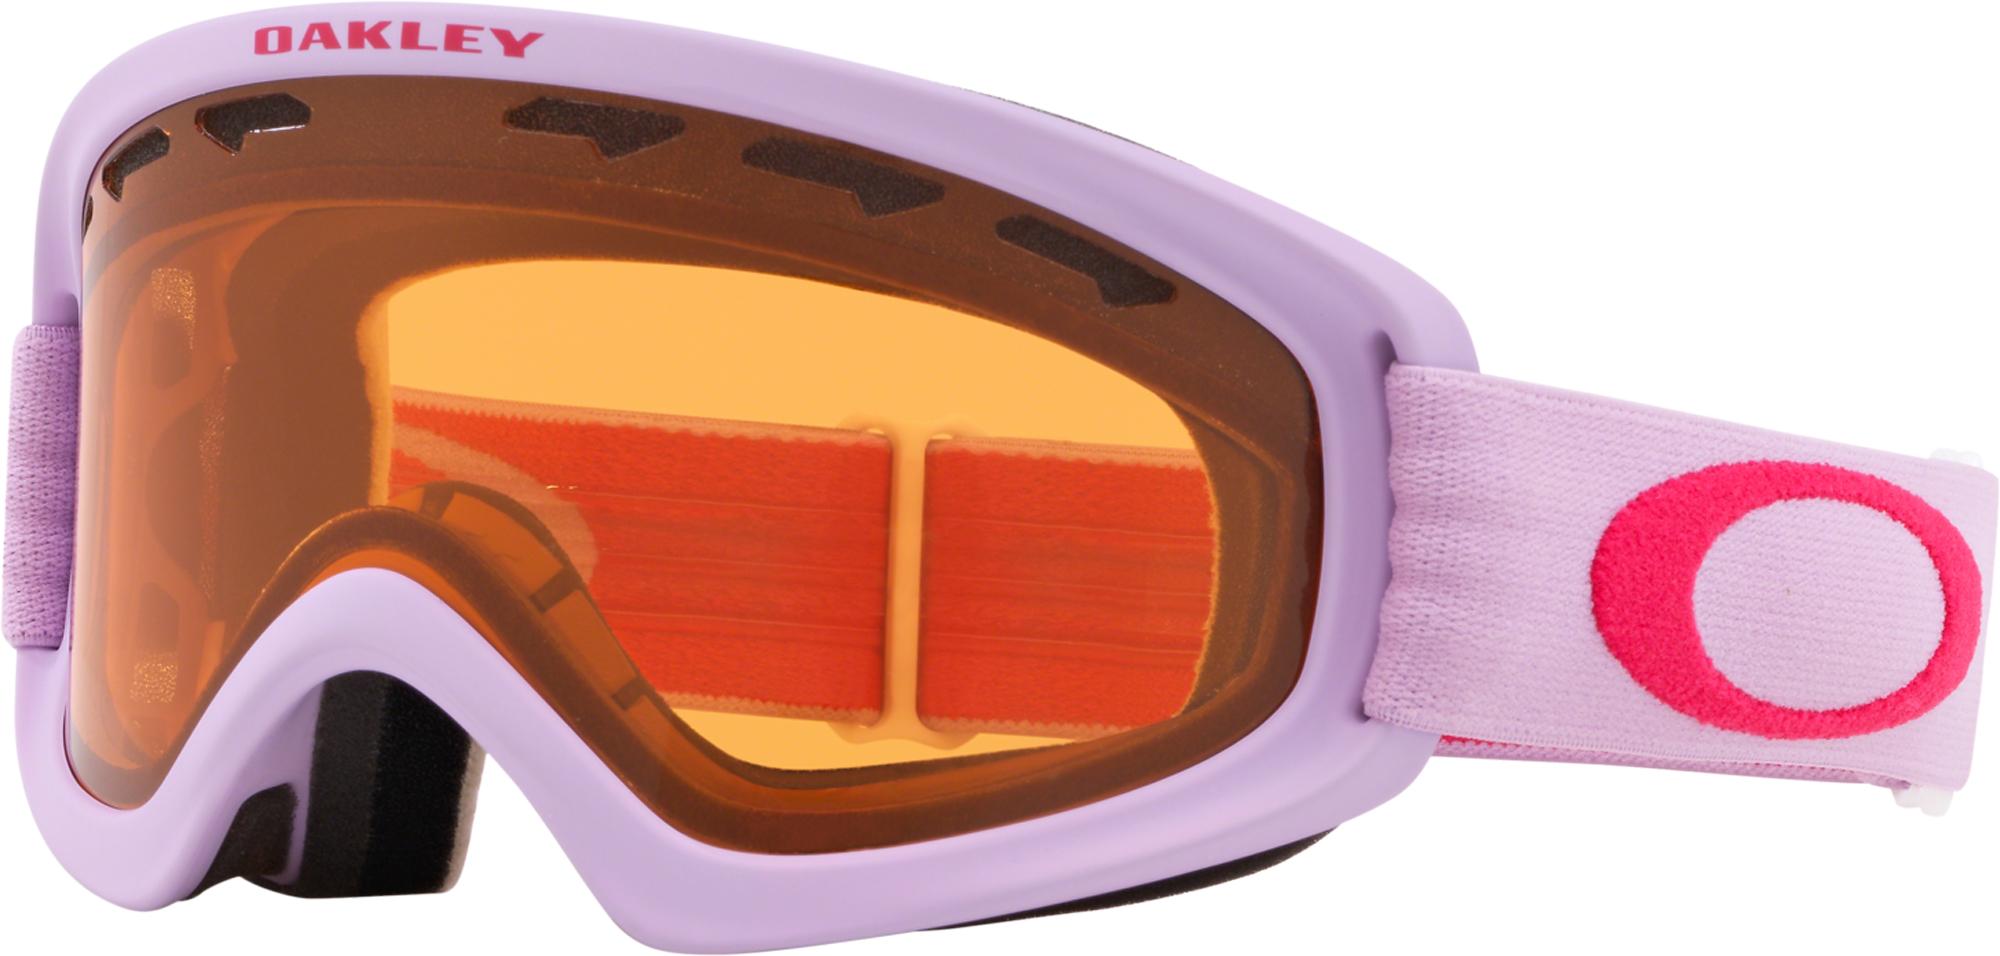 Oakley Маска со сменной линзой O Frame 2.0 PRO